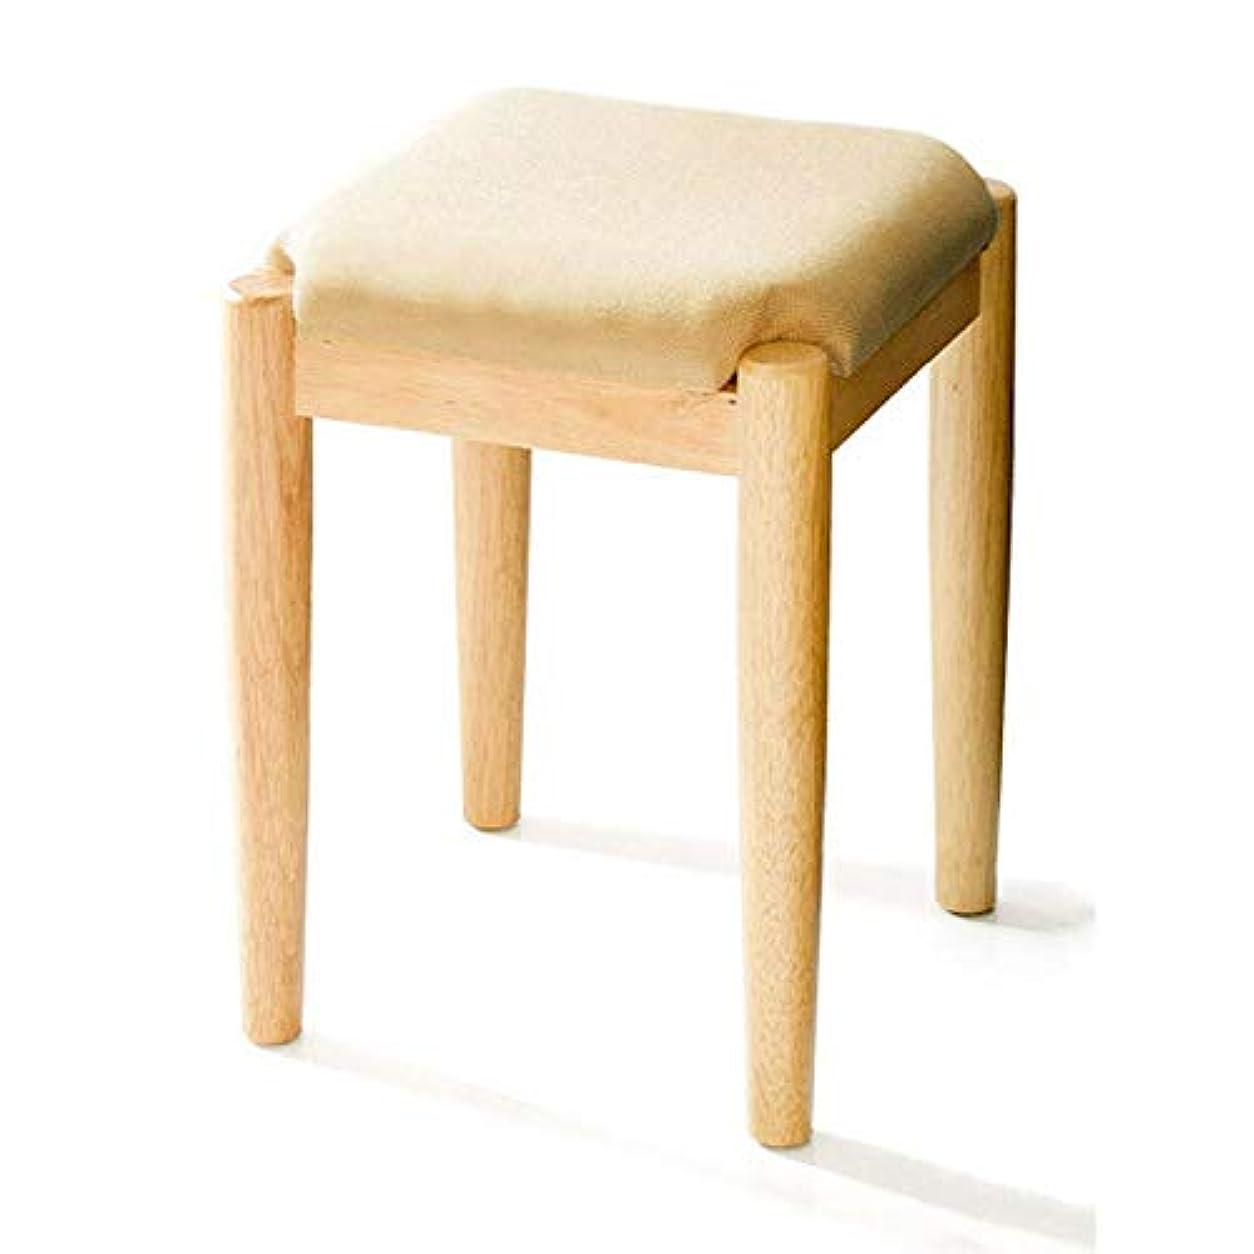 賢いエアコングロー宮武製作所 スツール 椅子 幅31x奥31x高さ43.5cm ベージュ 正方形 木製 MA-H31SBE